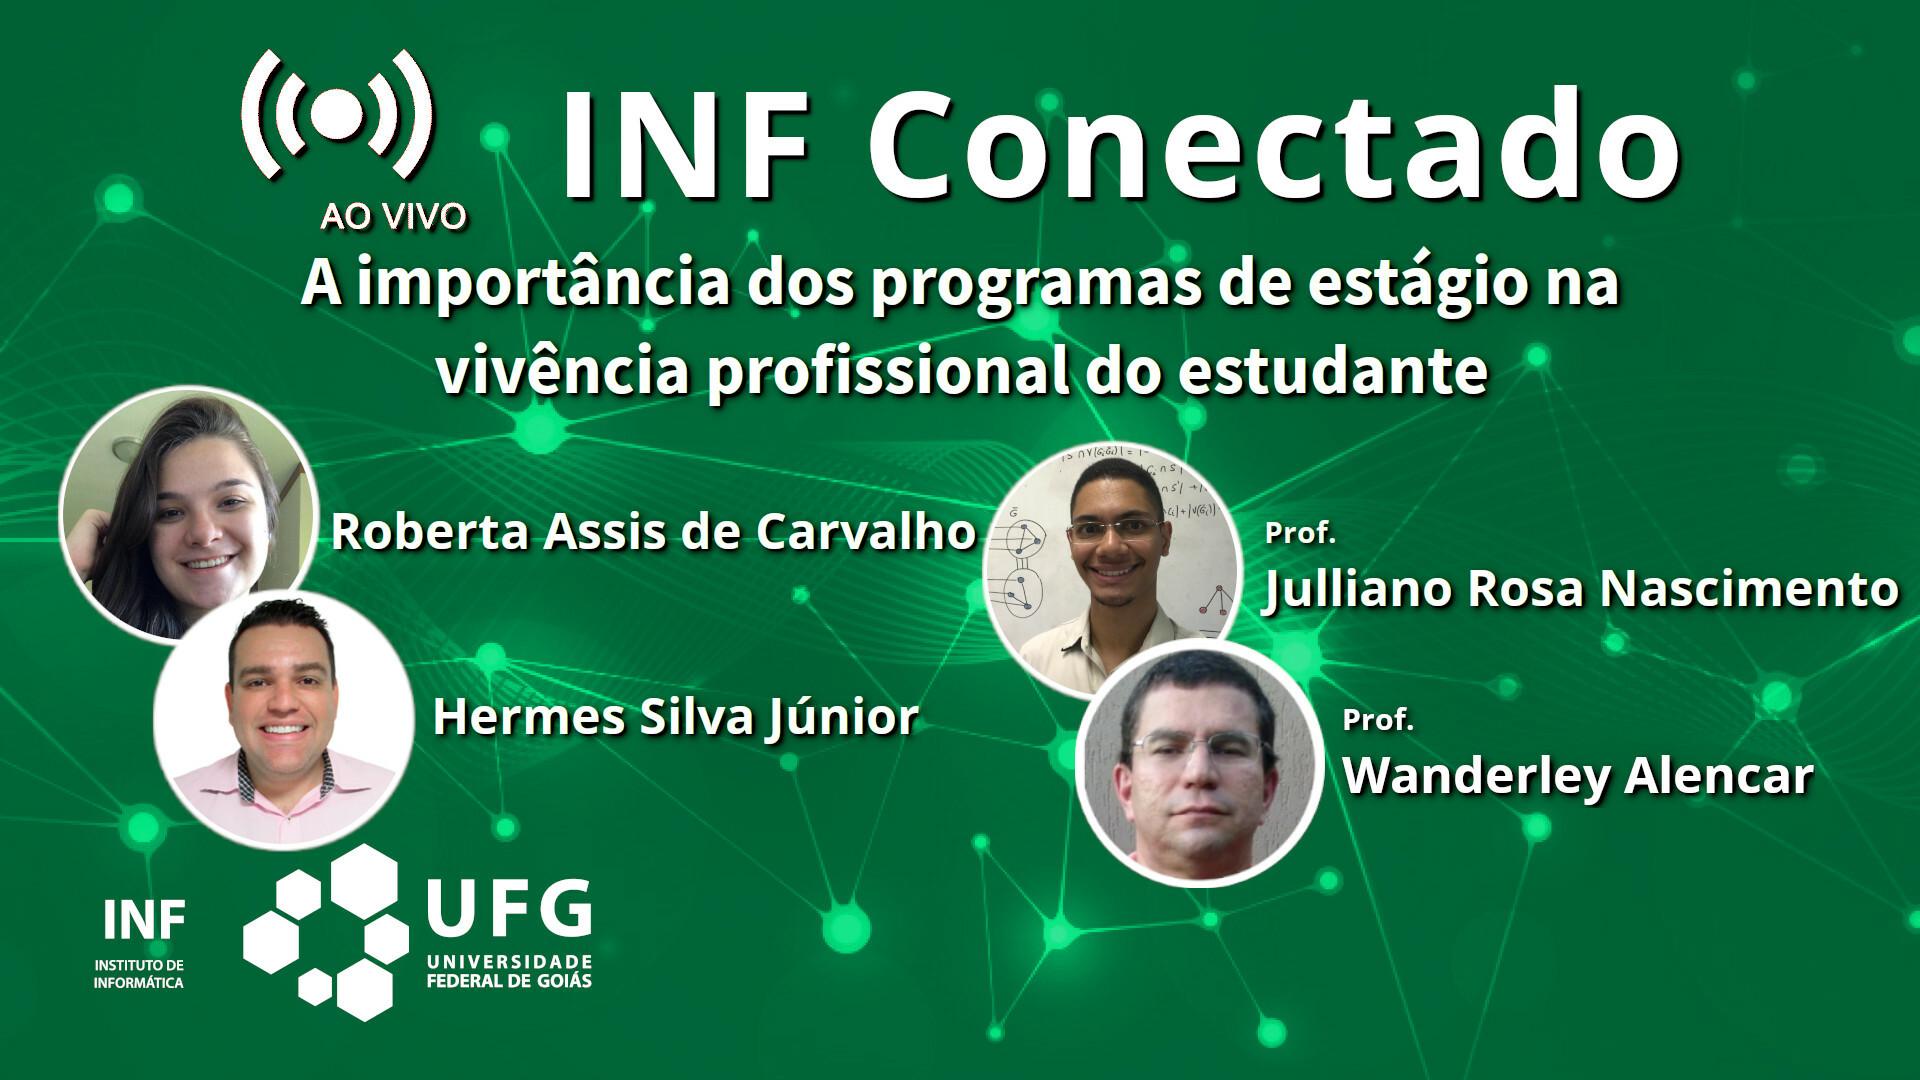 INF Conectado-YT-19.jpg